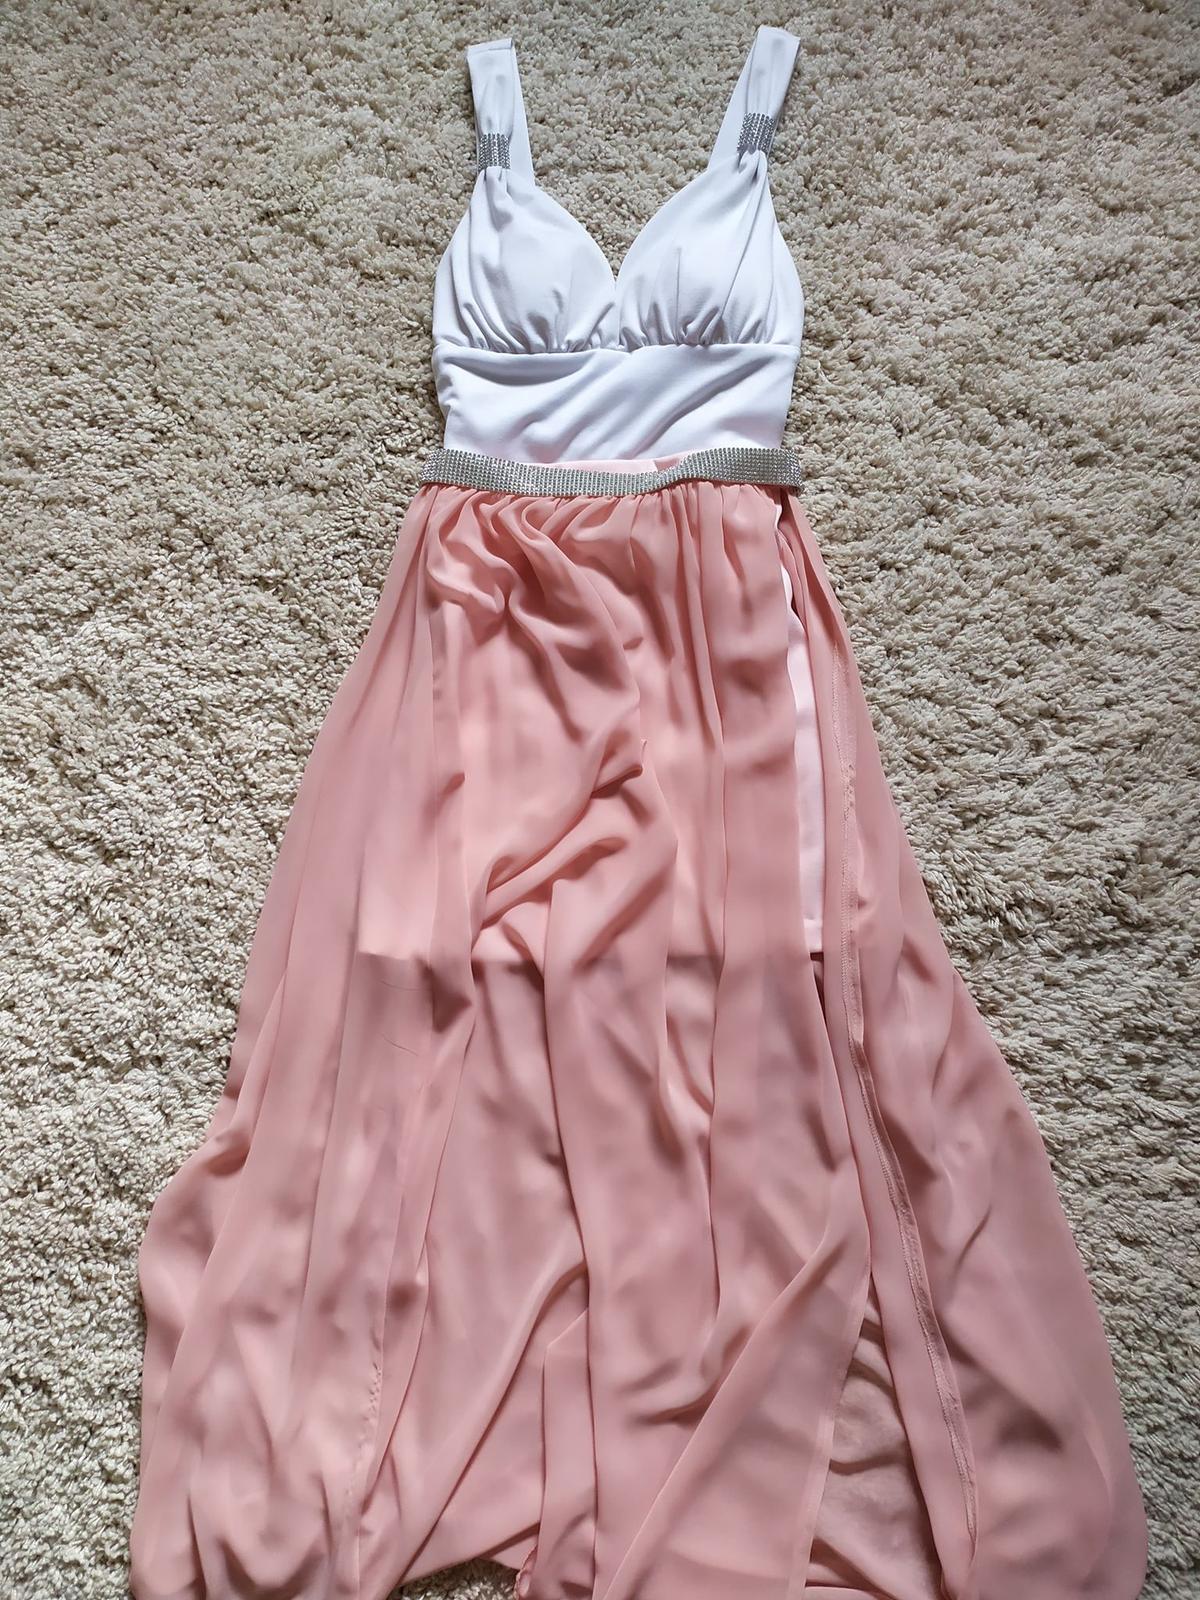 Ružové šaty s odpínacou šifónovou sukňou - Obrázok č. 1